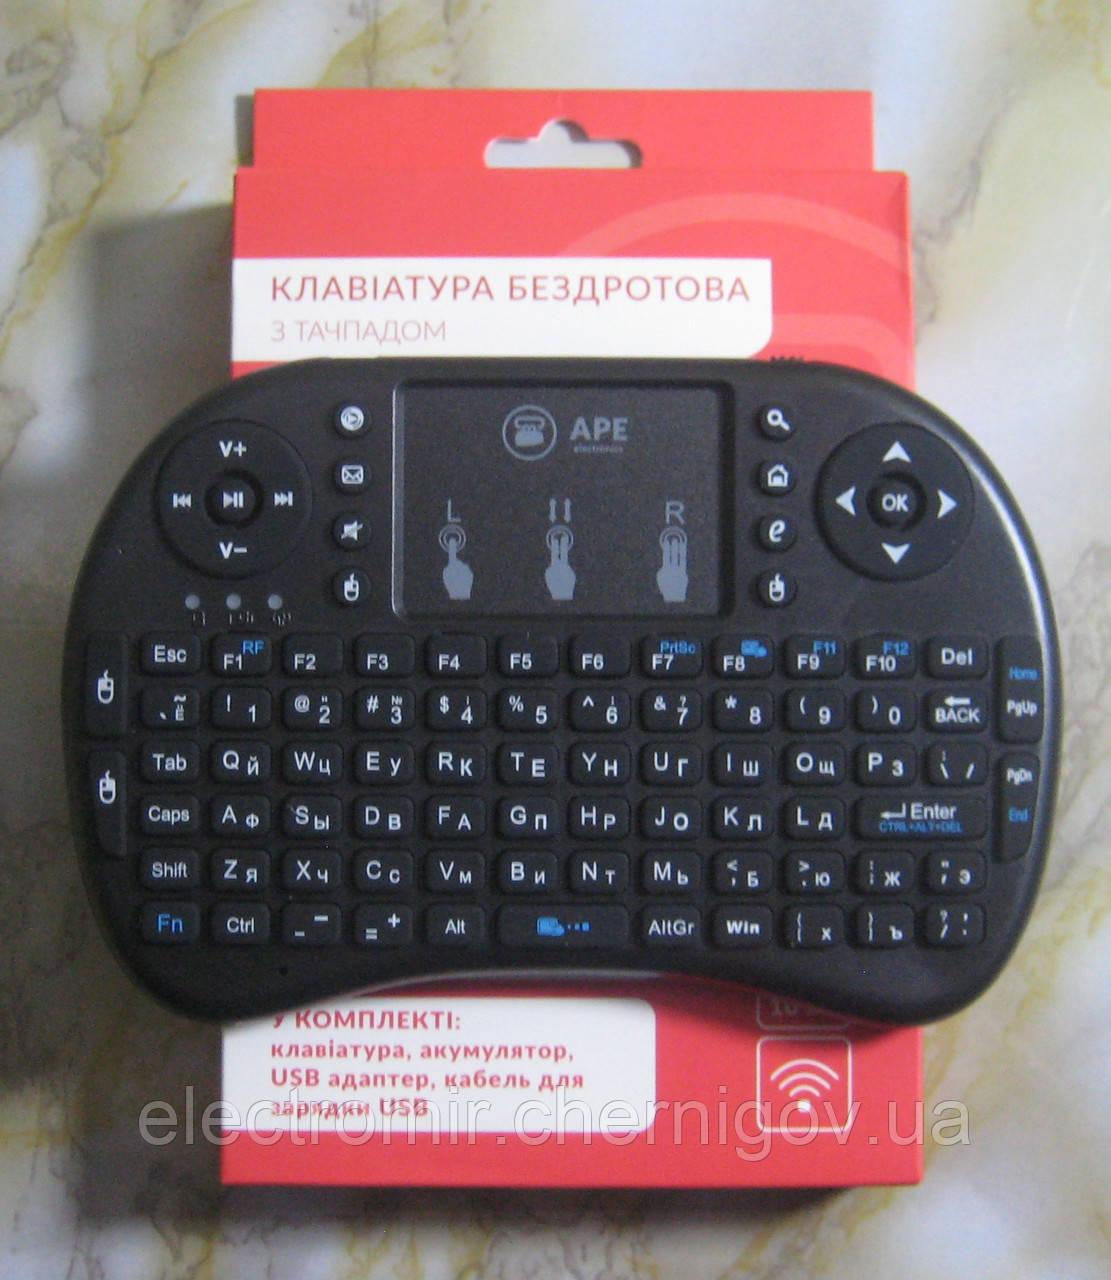 Клавиатура для телевизоров, планшетов, смартфонов беспроводная с тачпадом APE electronics